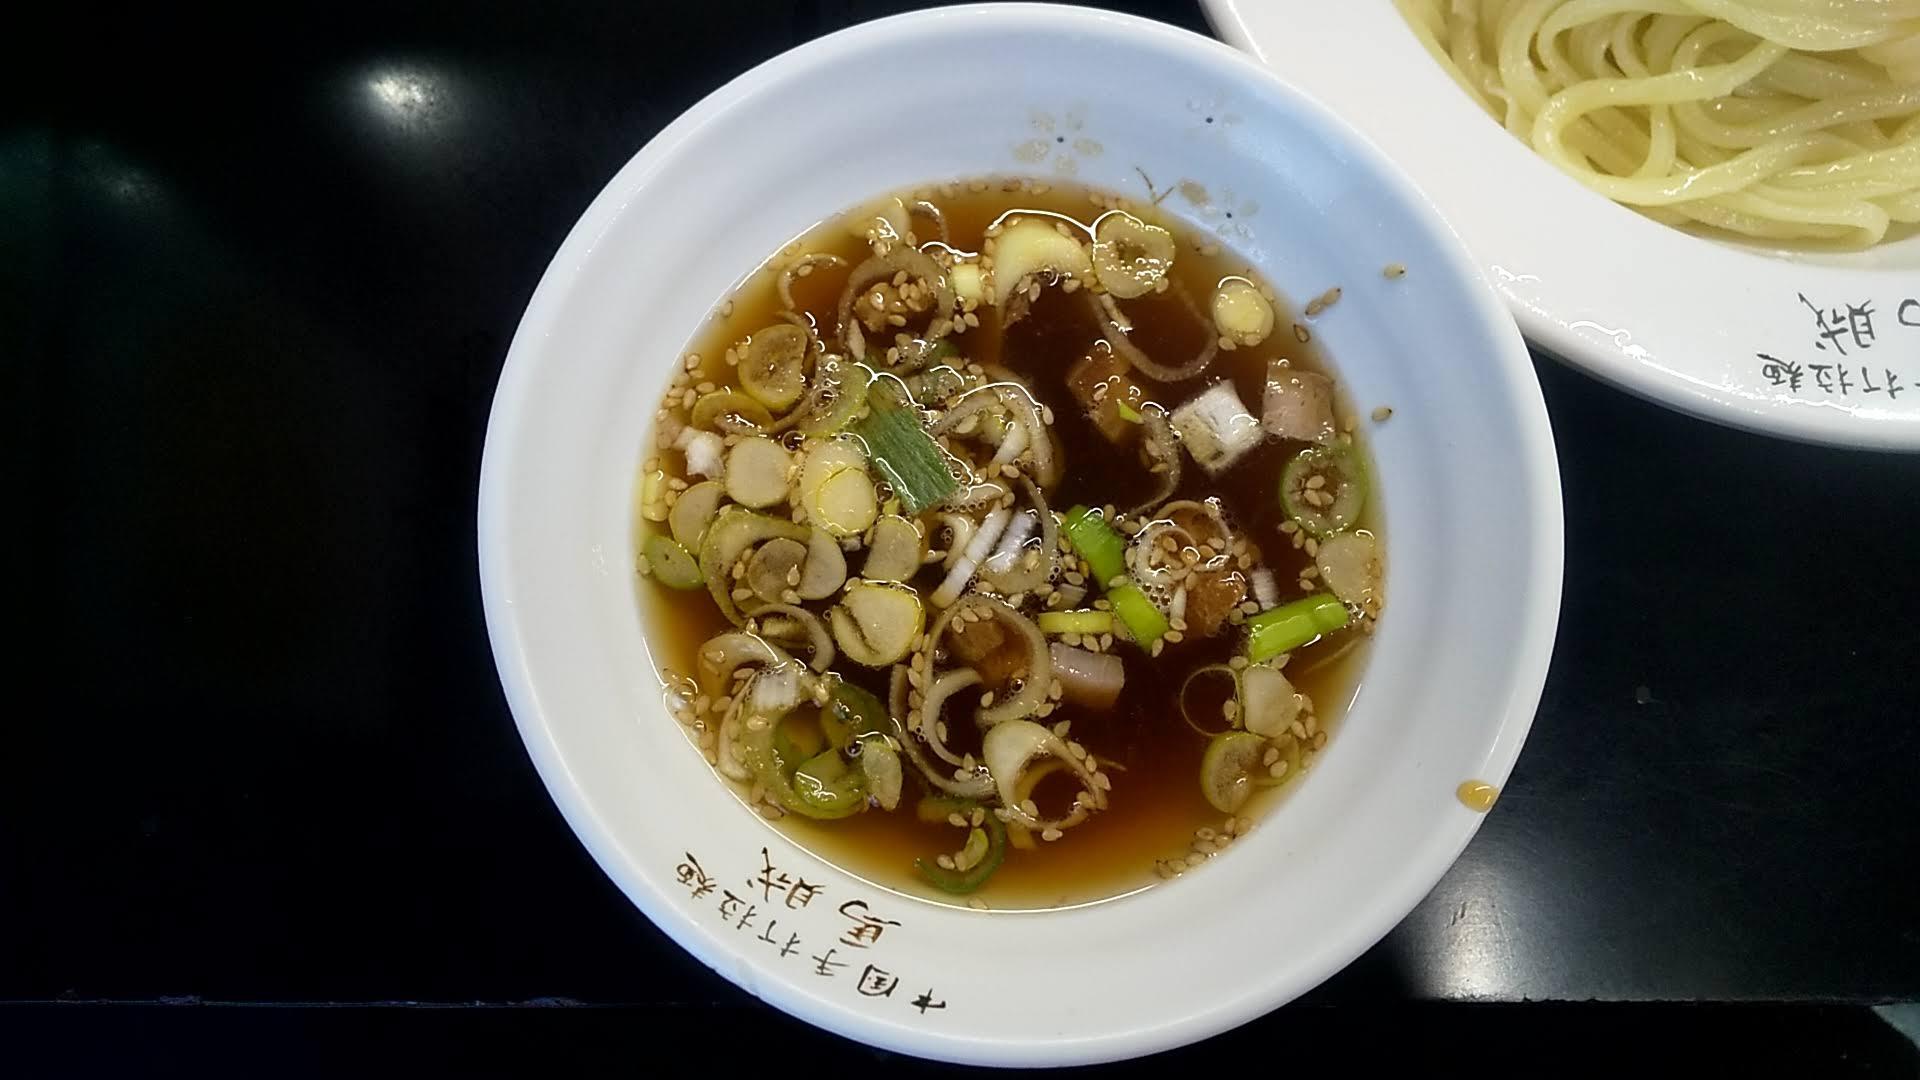 馬賊のつけ麺のつけ汁の写真